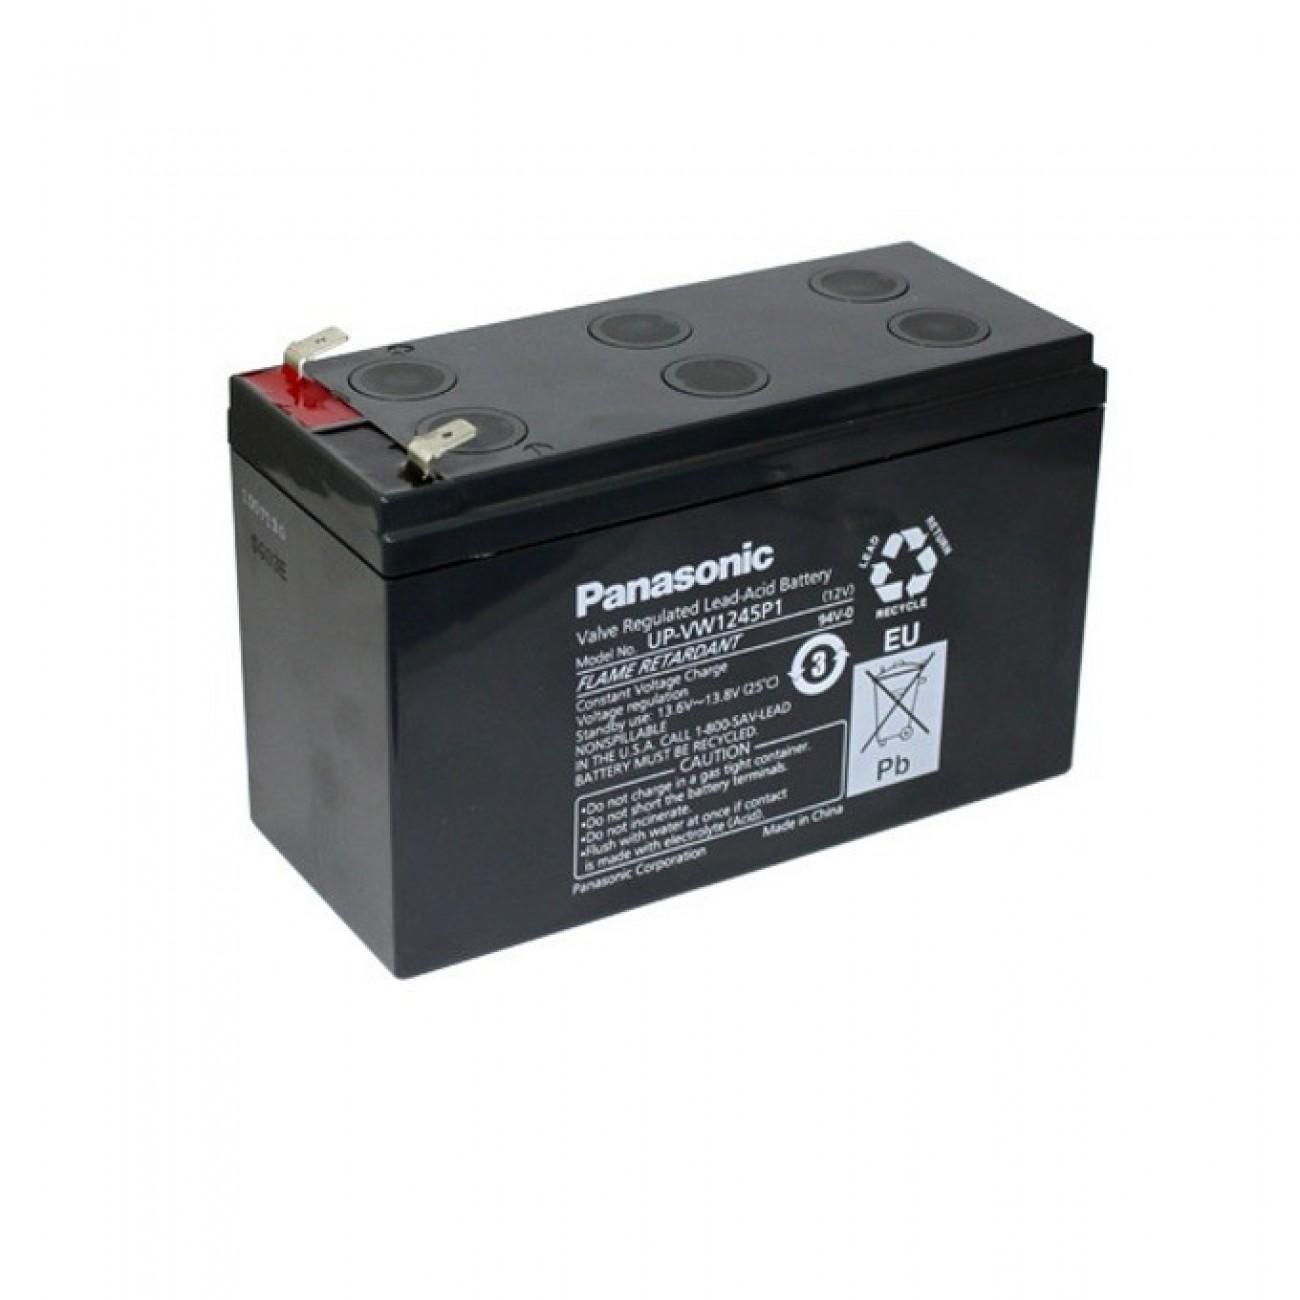 Акумулаторна батерия Panasonic 12V, 7.8Ah, 6-9 години живот в Акумулатори -  | Alleop